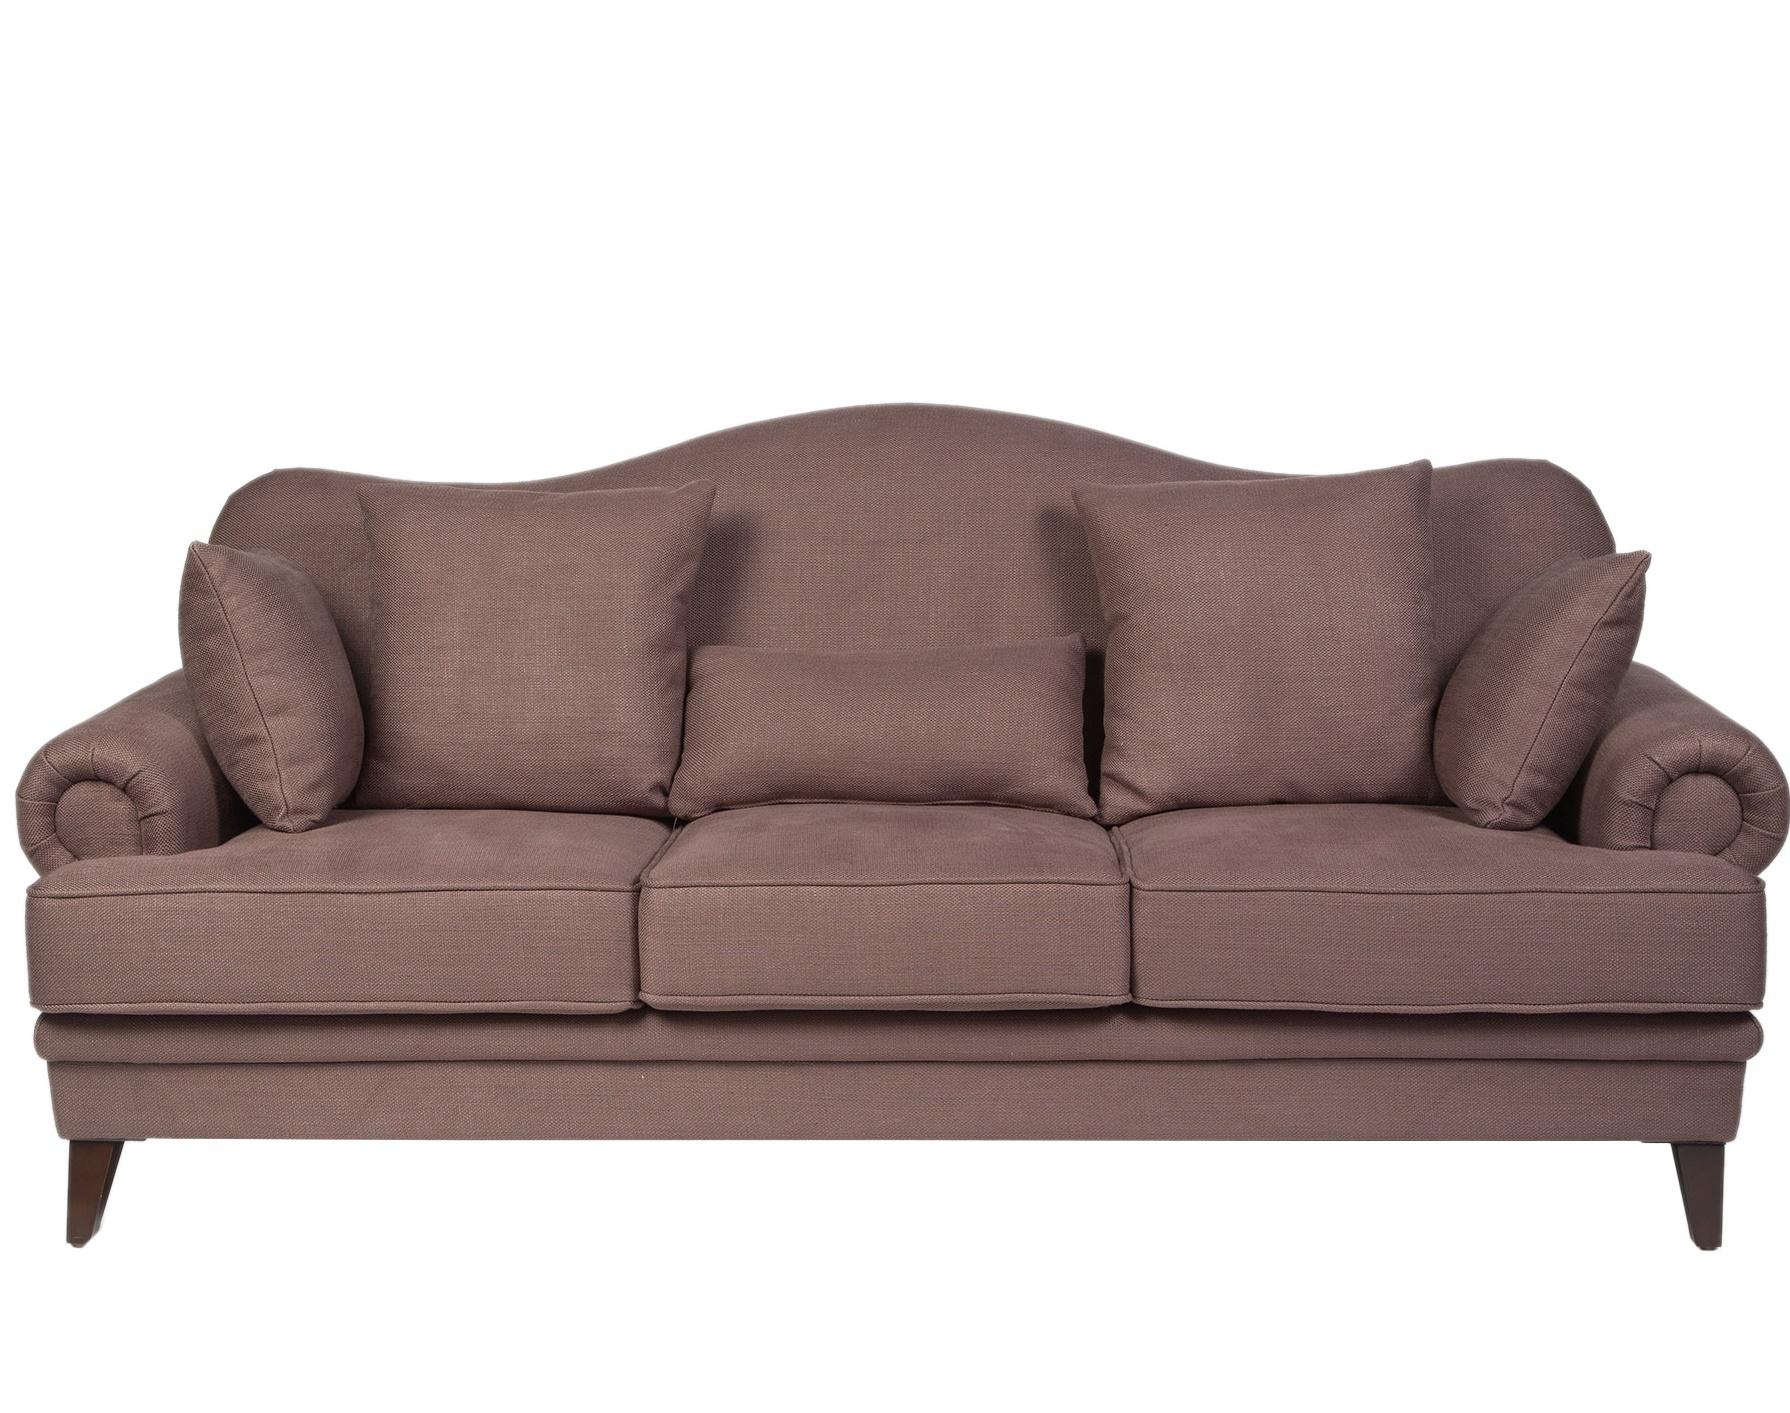 Диван DORIANТрехместные диваны<br>&amp;quot;Dorian&amp;quot; ? элегантный диван, который послужит лучшим дополнением для гостиных, оформленных в английском стиле. Он добавит благородство и шарм в атмосферу главной комнаты дома. Классический силуэт спинки, приглушенный кофейный цвет и мягкие цилиндрические подлокотники ? изысканность выражается в каждой детали.&amp;amp;nbsp;<br><br><br><br>&amp;lt;div&amp;gt;&amp;lt;br&amp;gt;&amp;lt;/div&amp;gt;&amp;lt;div&amp;gt;Обивка: ткань.&amp;lt;/div&amp;gt;<br><br>Material: Текстиль<br>Ширина см: 220<br>Высота см: 90<br>Глубина см: 104